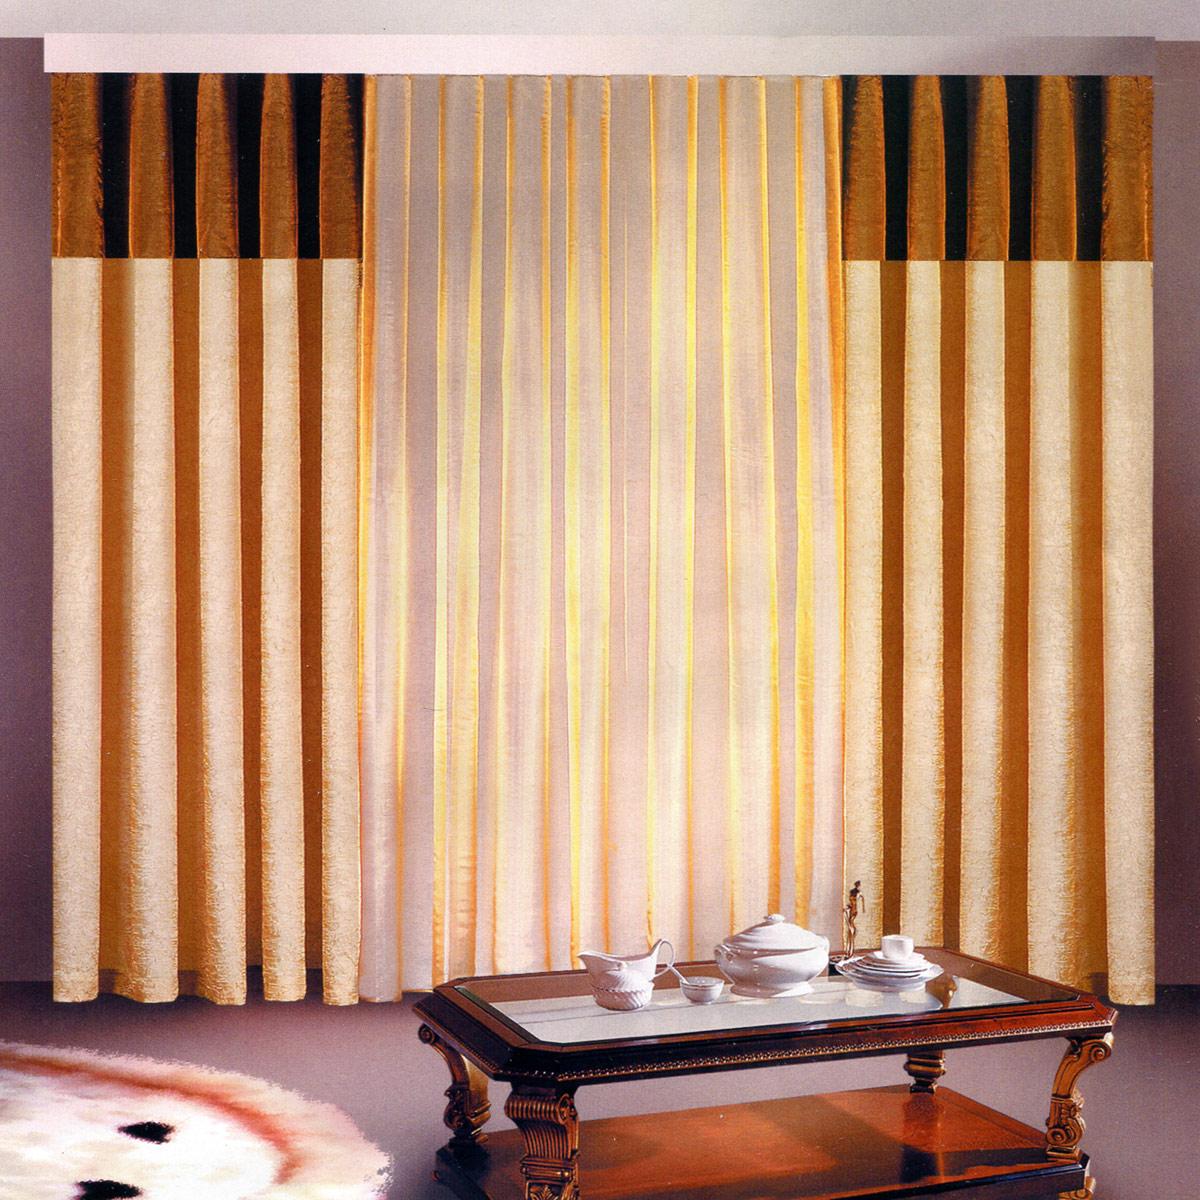 Комплект штор Zlata Korunka, на ленте, цвет: венге, высота 250 см. Б097Б097 венгеРоскошный комплект штор Zlata Korunka, выполненный из полиэстера, великолепно украсит любое окно. Комплект состоит из двух штор и тюля. Воздушная ткань и приятная, приглушенная гамма привлекут к себе внимание и органично впишутся в интерьер помещения. Этот комплект будет долгое время радовать вас и вашу семью! Шторы крепятся на карниз при помощи ленты, которая поможет красиво и равномерно задрапировать верх. Ширина шторы: 140 +/- 5 см.